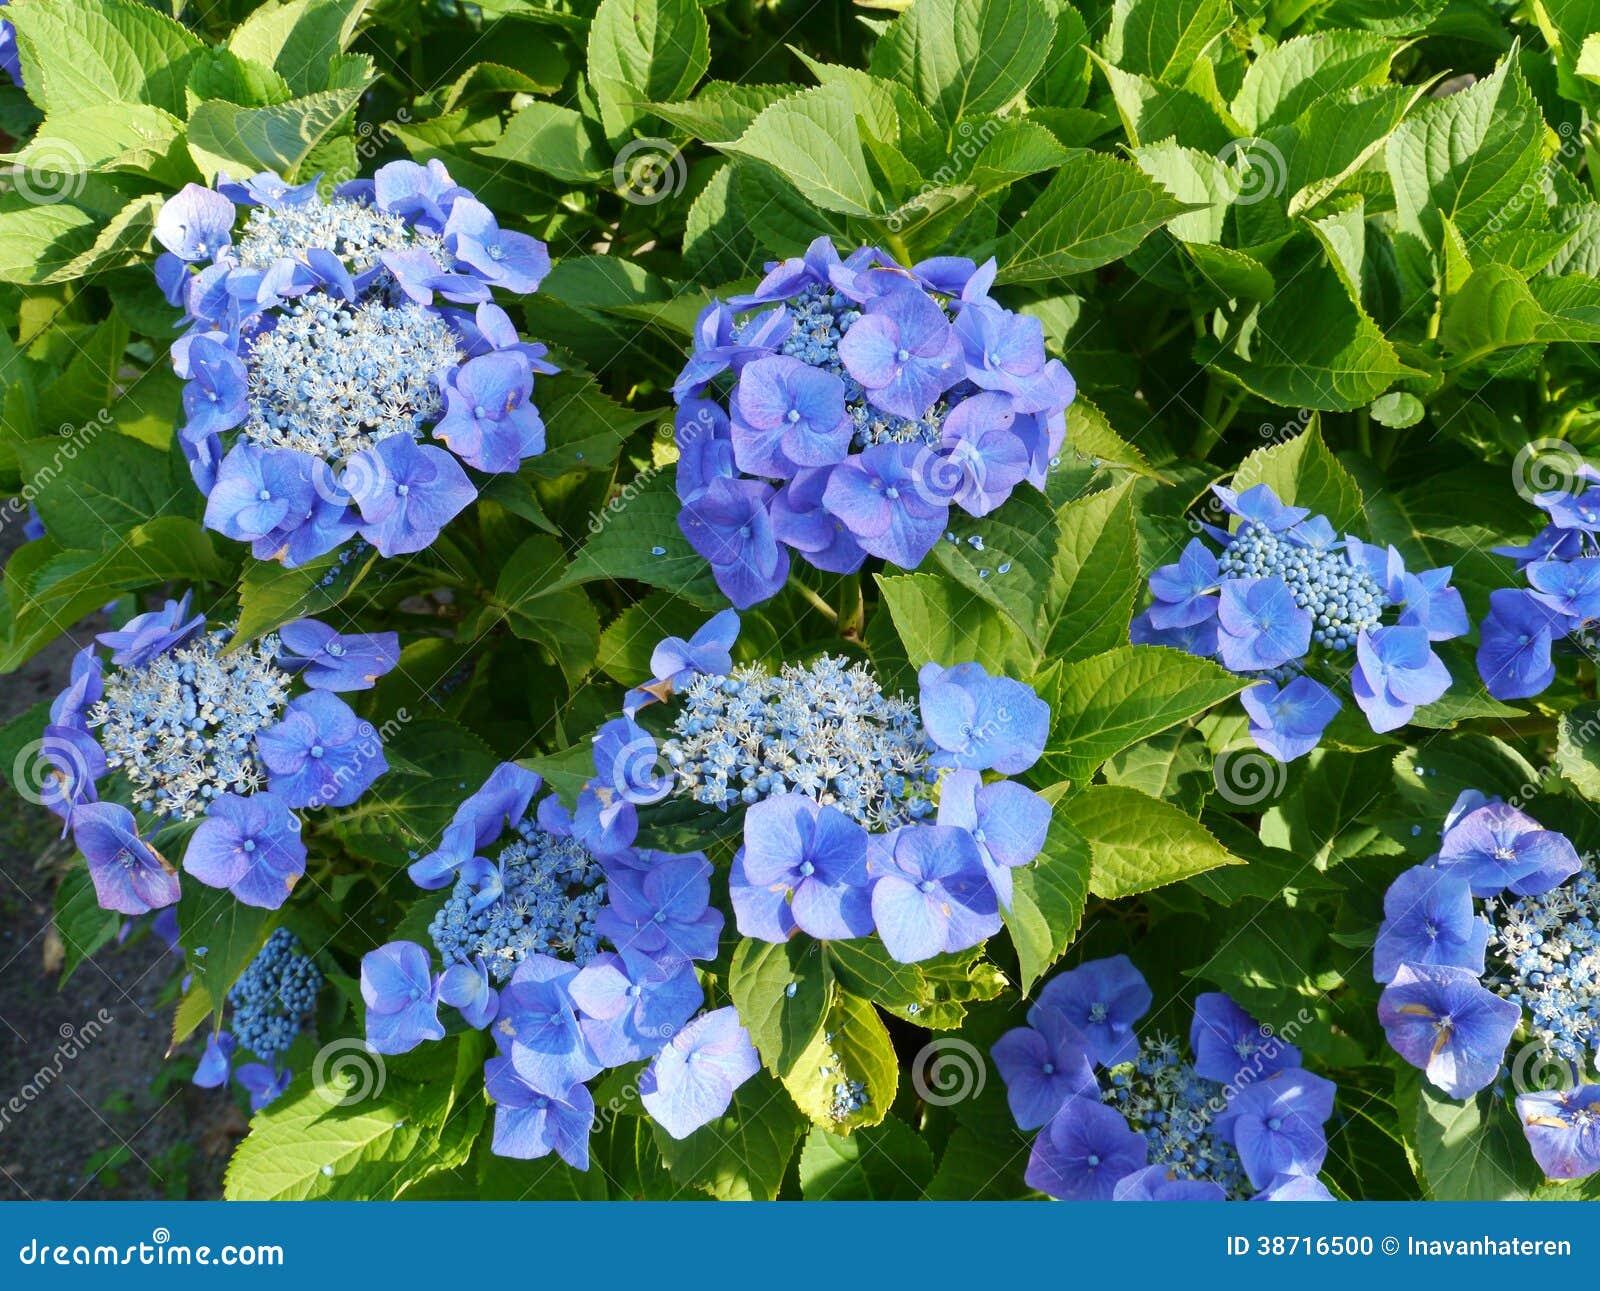 Deep Blue Flowering Hortensia Bush Stock Photo Image Of Flower